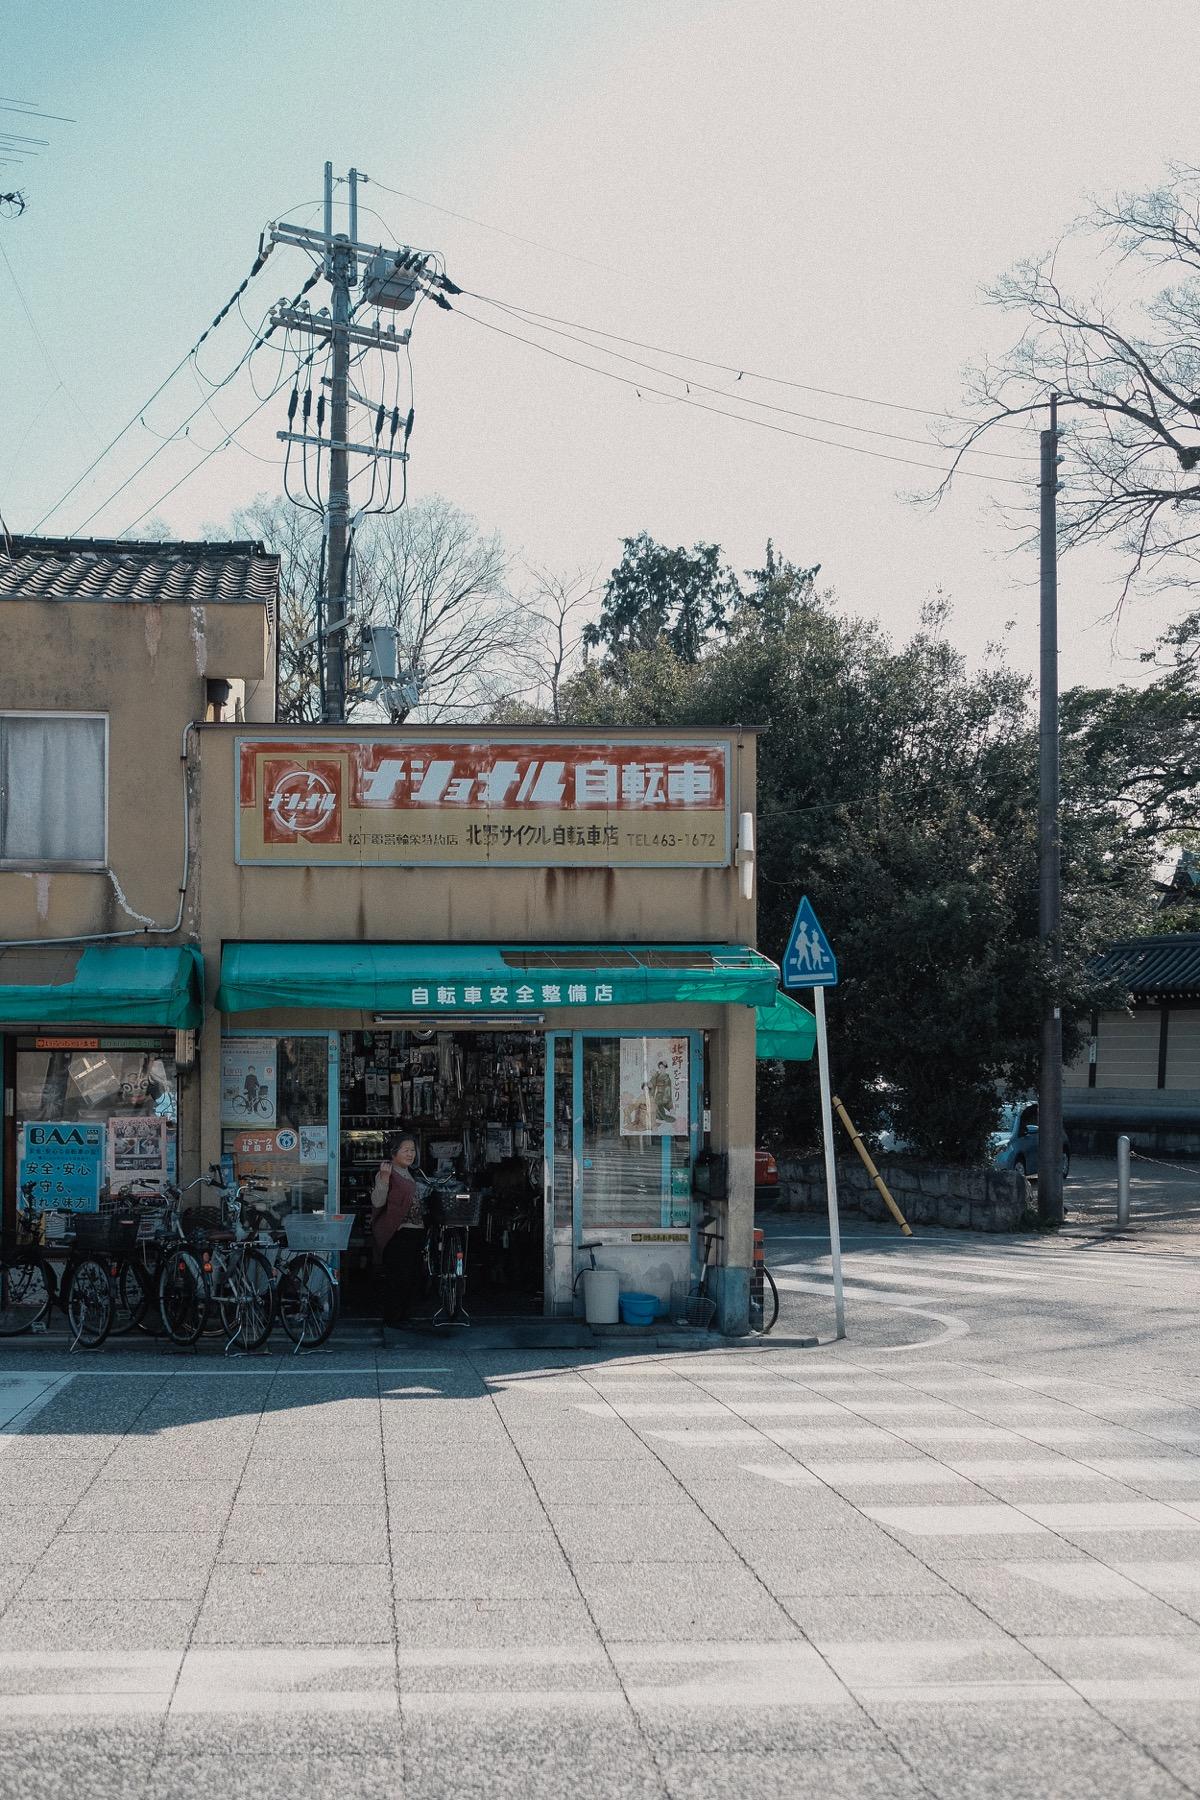 Kinlake-Kyoto-Lifestyle-2018-7319